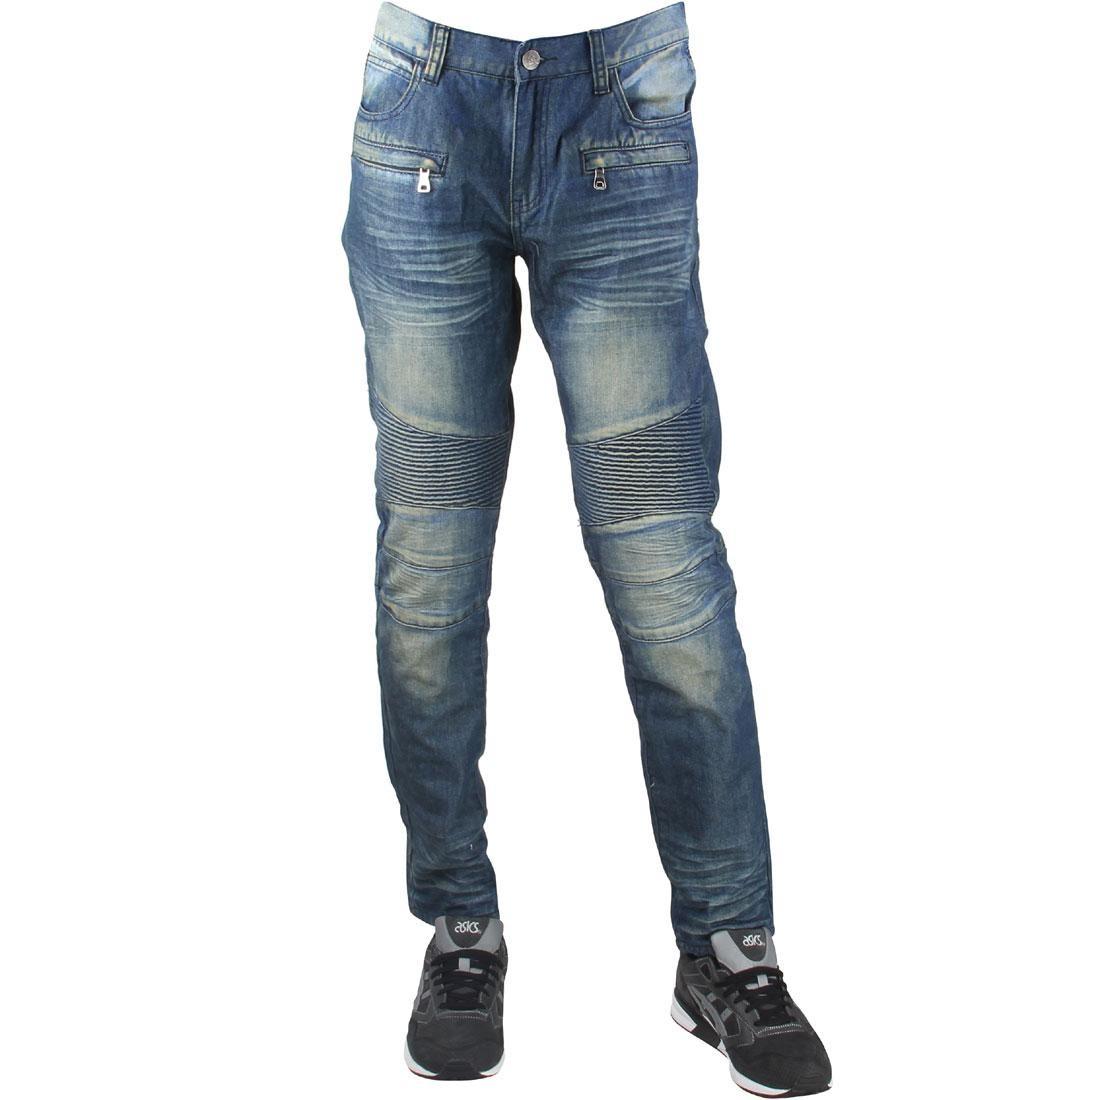 デニム 青 ブルー 【 BLUE EMBELLISH NYC MEN SPUR BIKER DENIM JEANS STONE WASH 】 メンズファッション ズボン パンツ